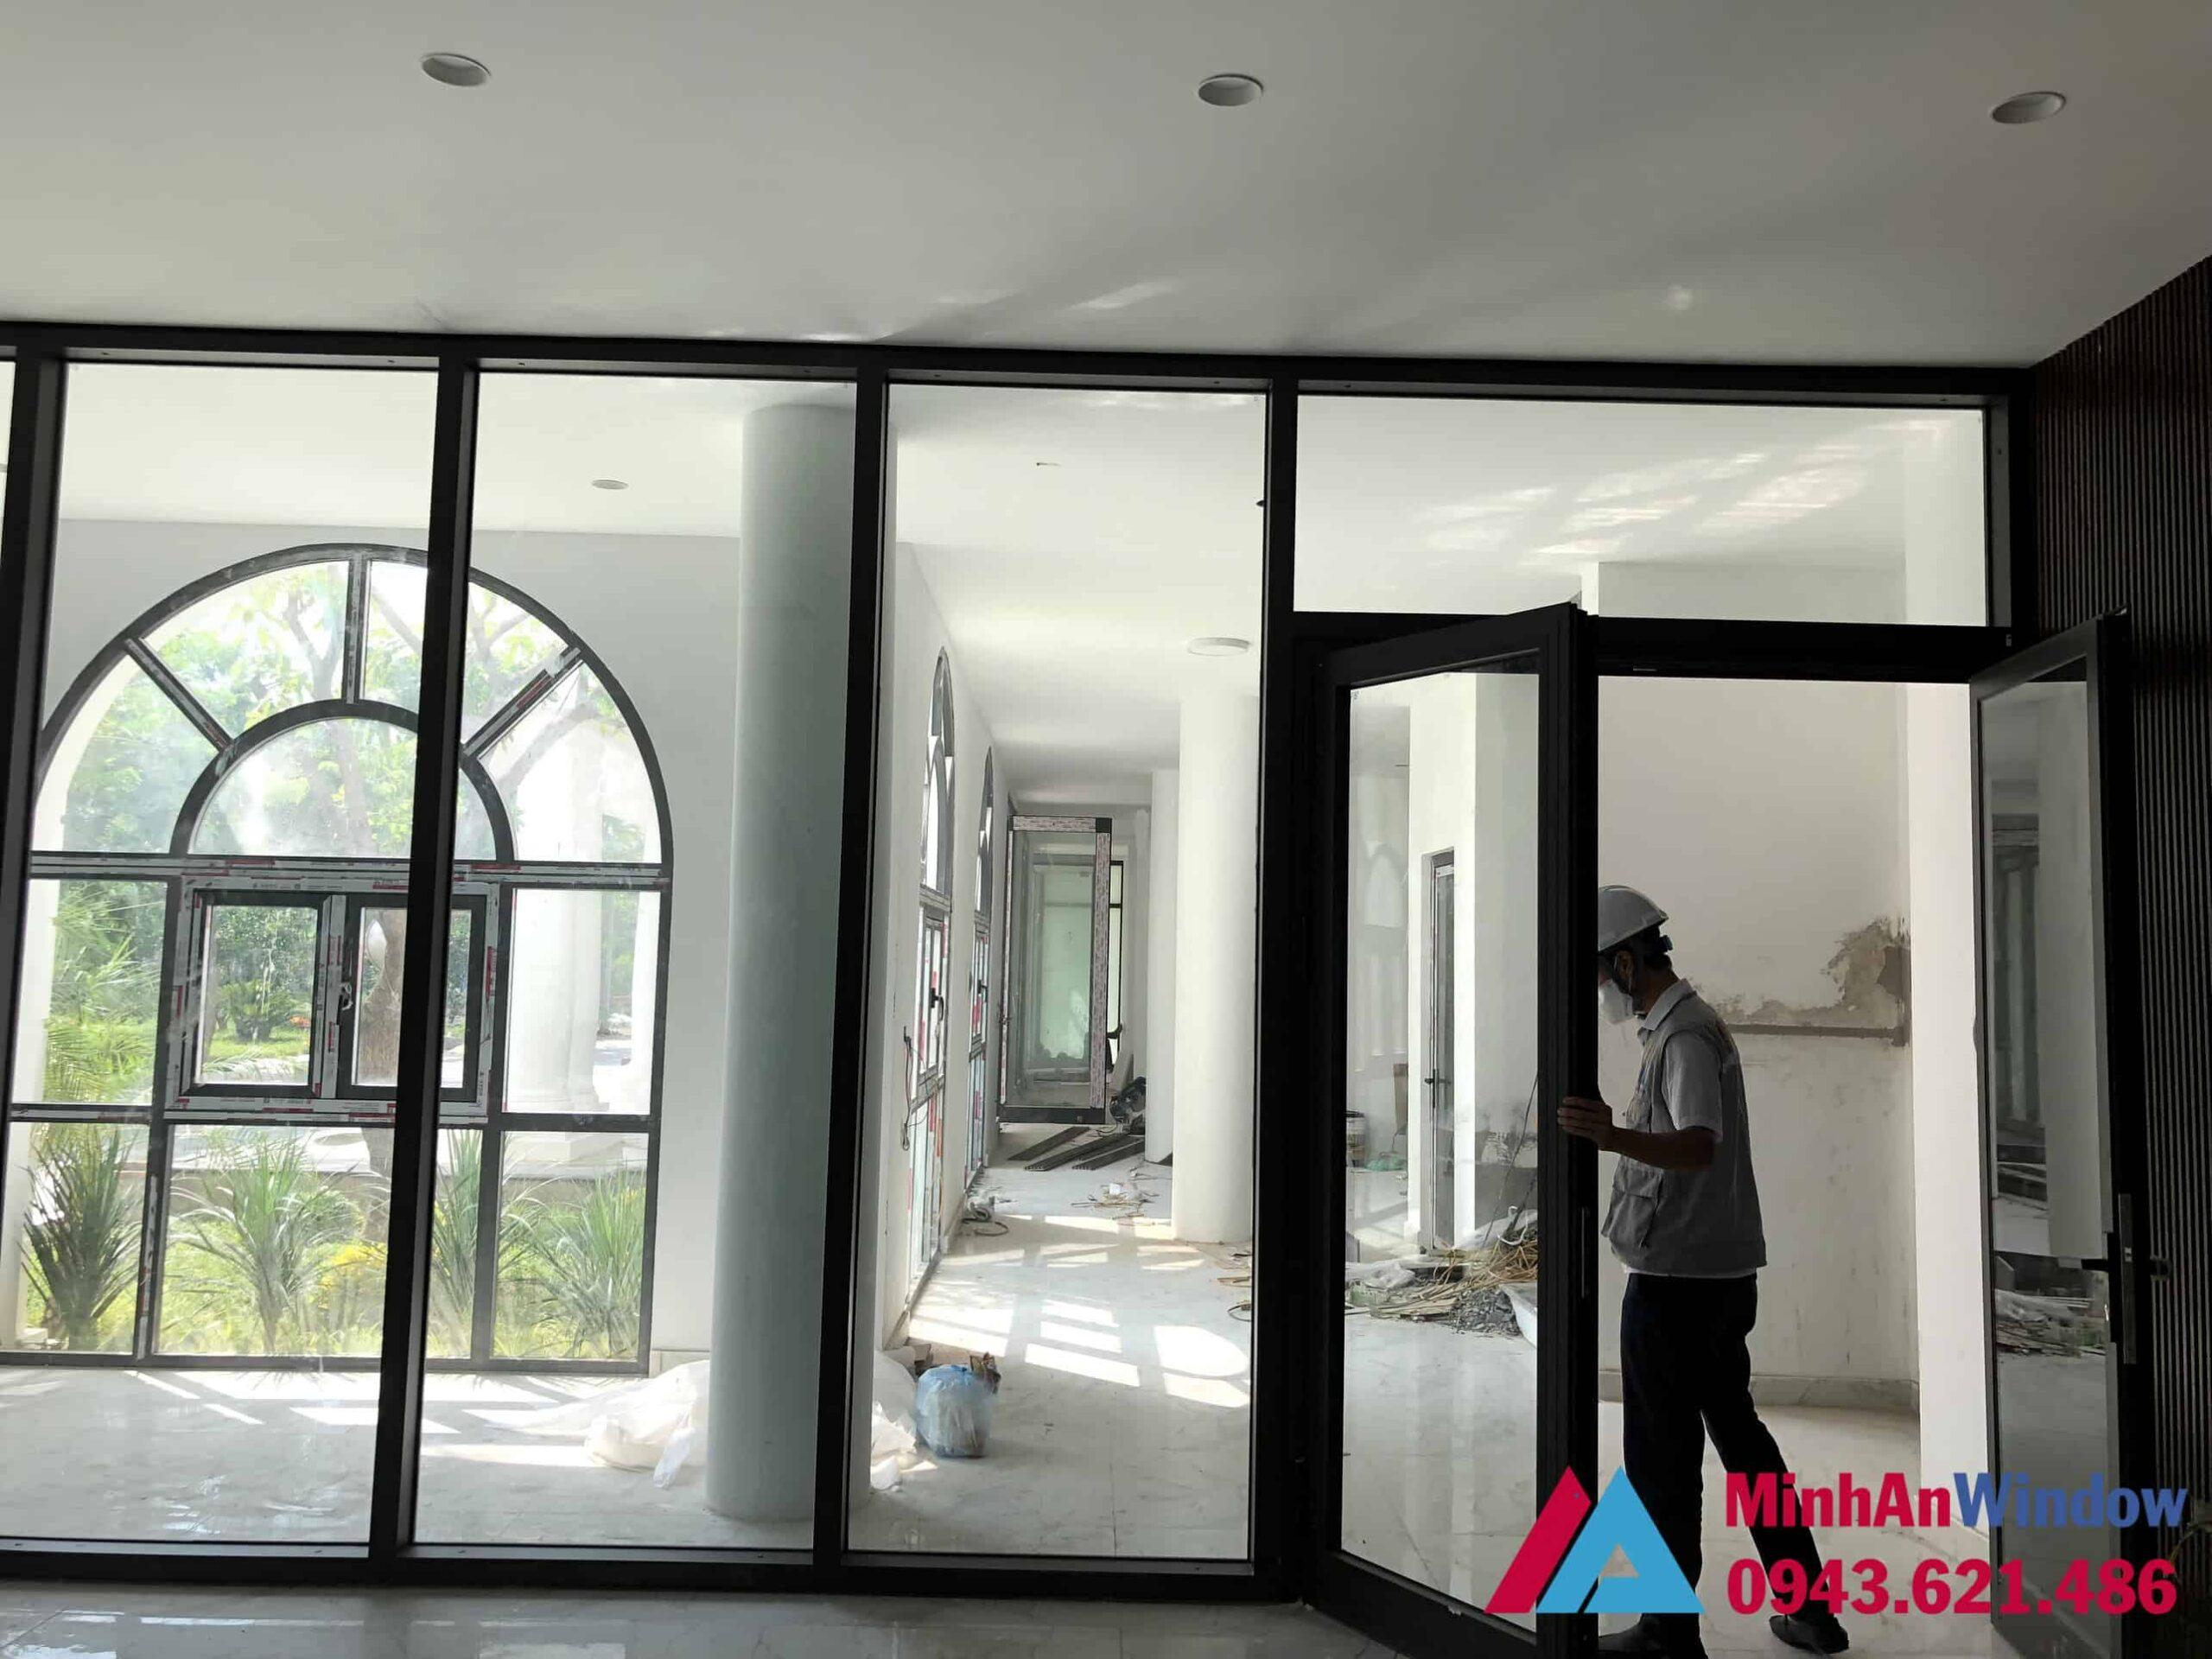 Mẫu cửa đi nhôm kính - Minh An Window thi công và lắp đặt